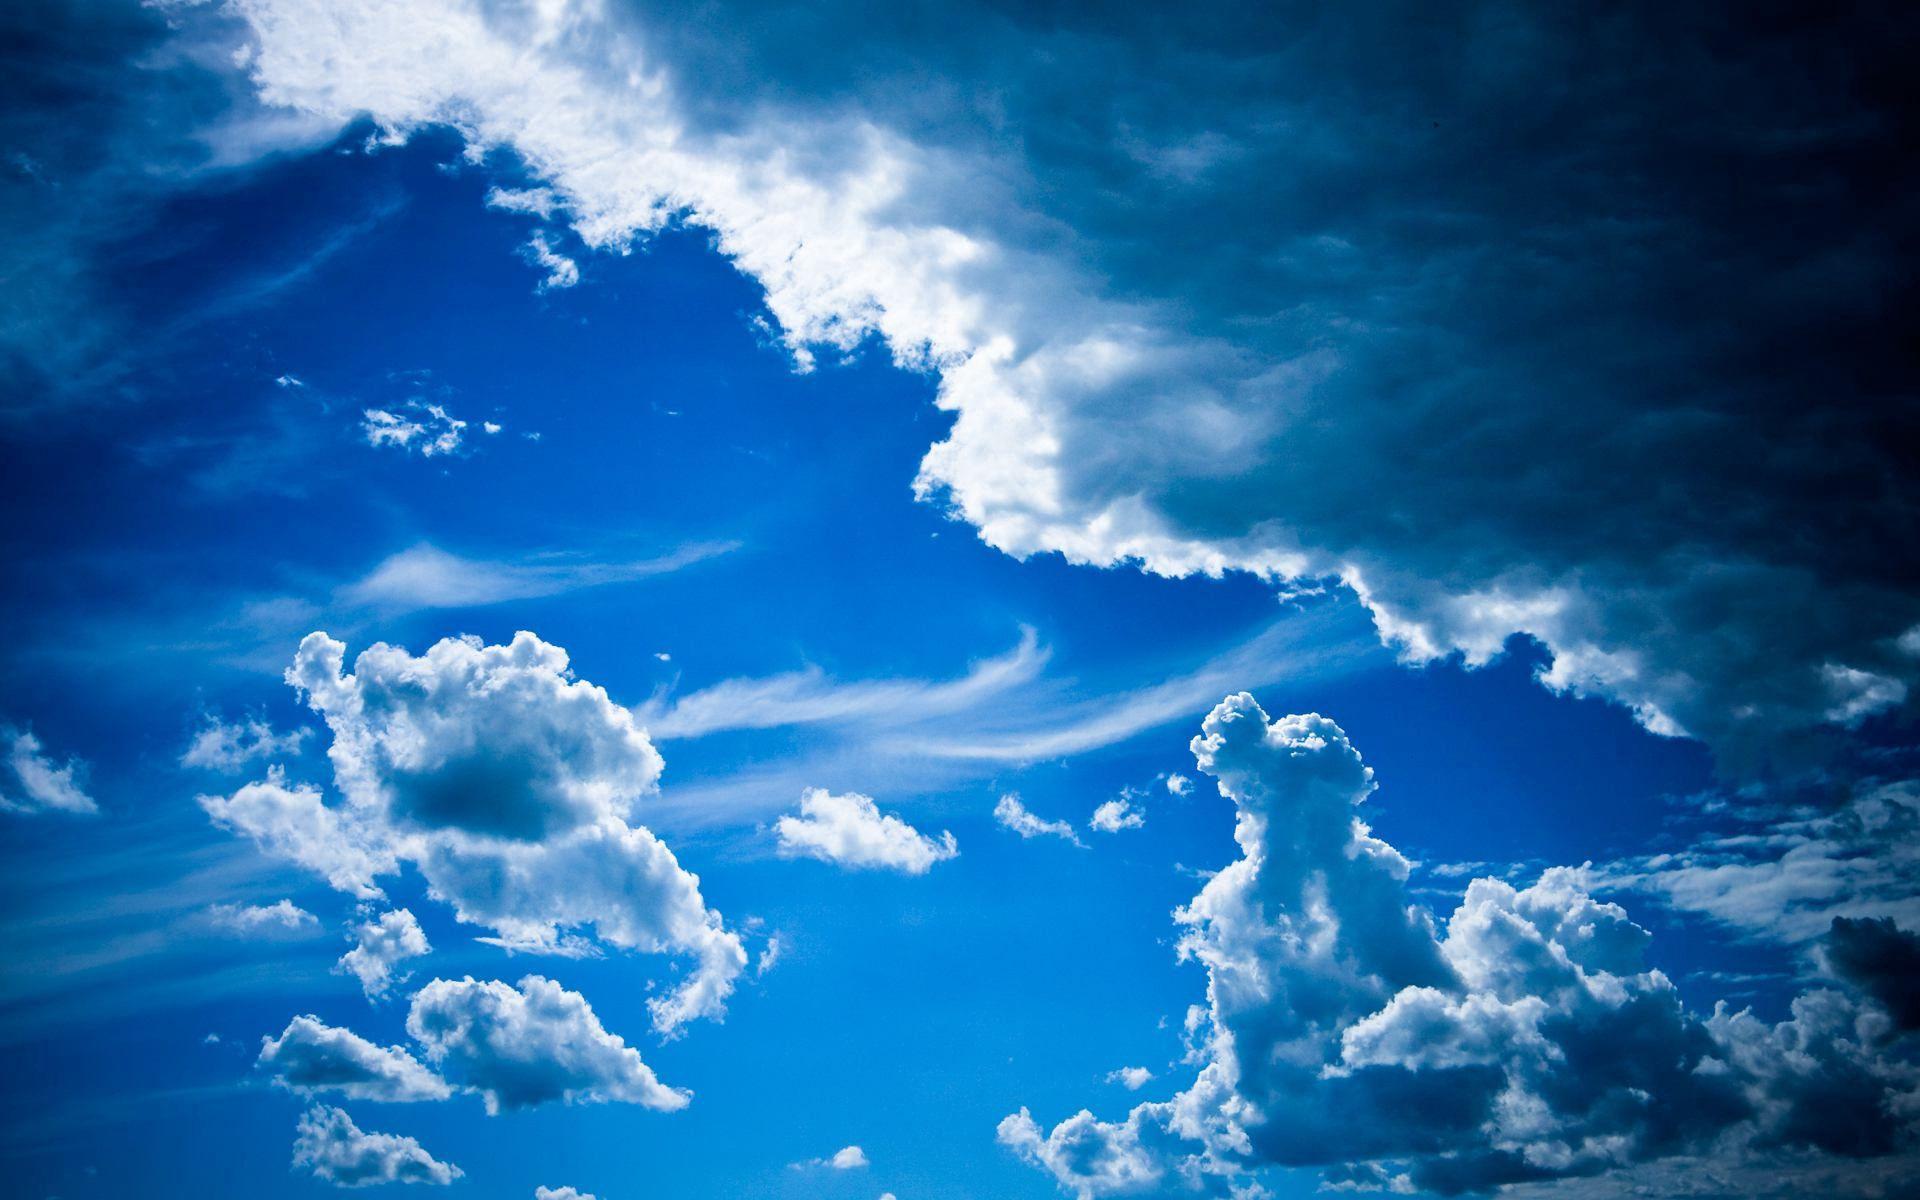 149281 Hintergrundbild herunterladen Natur, Clouds, Züge, Patterns, Linien, Funktionen - Bildschirmschoner und Bilder kostenlos